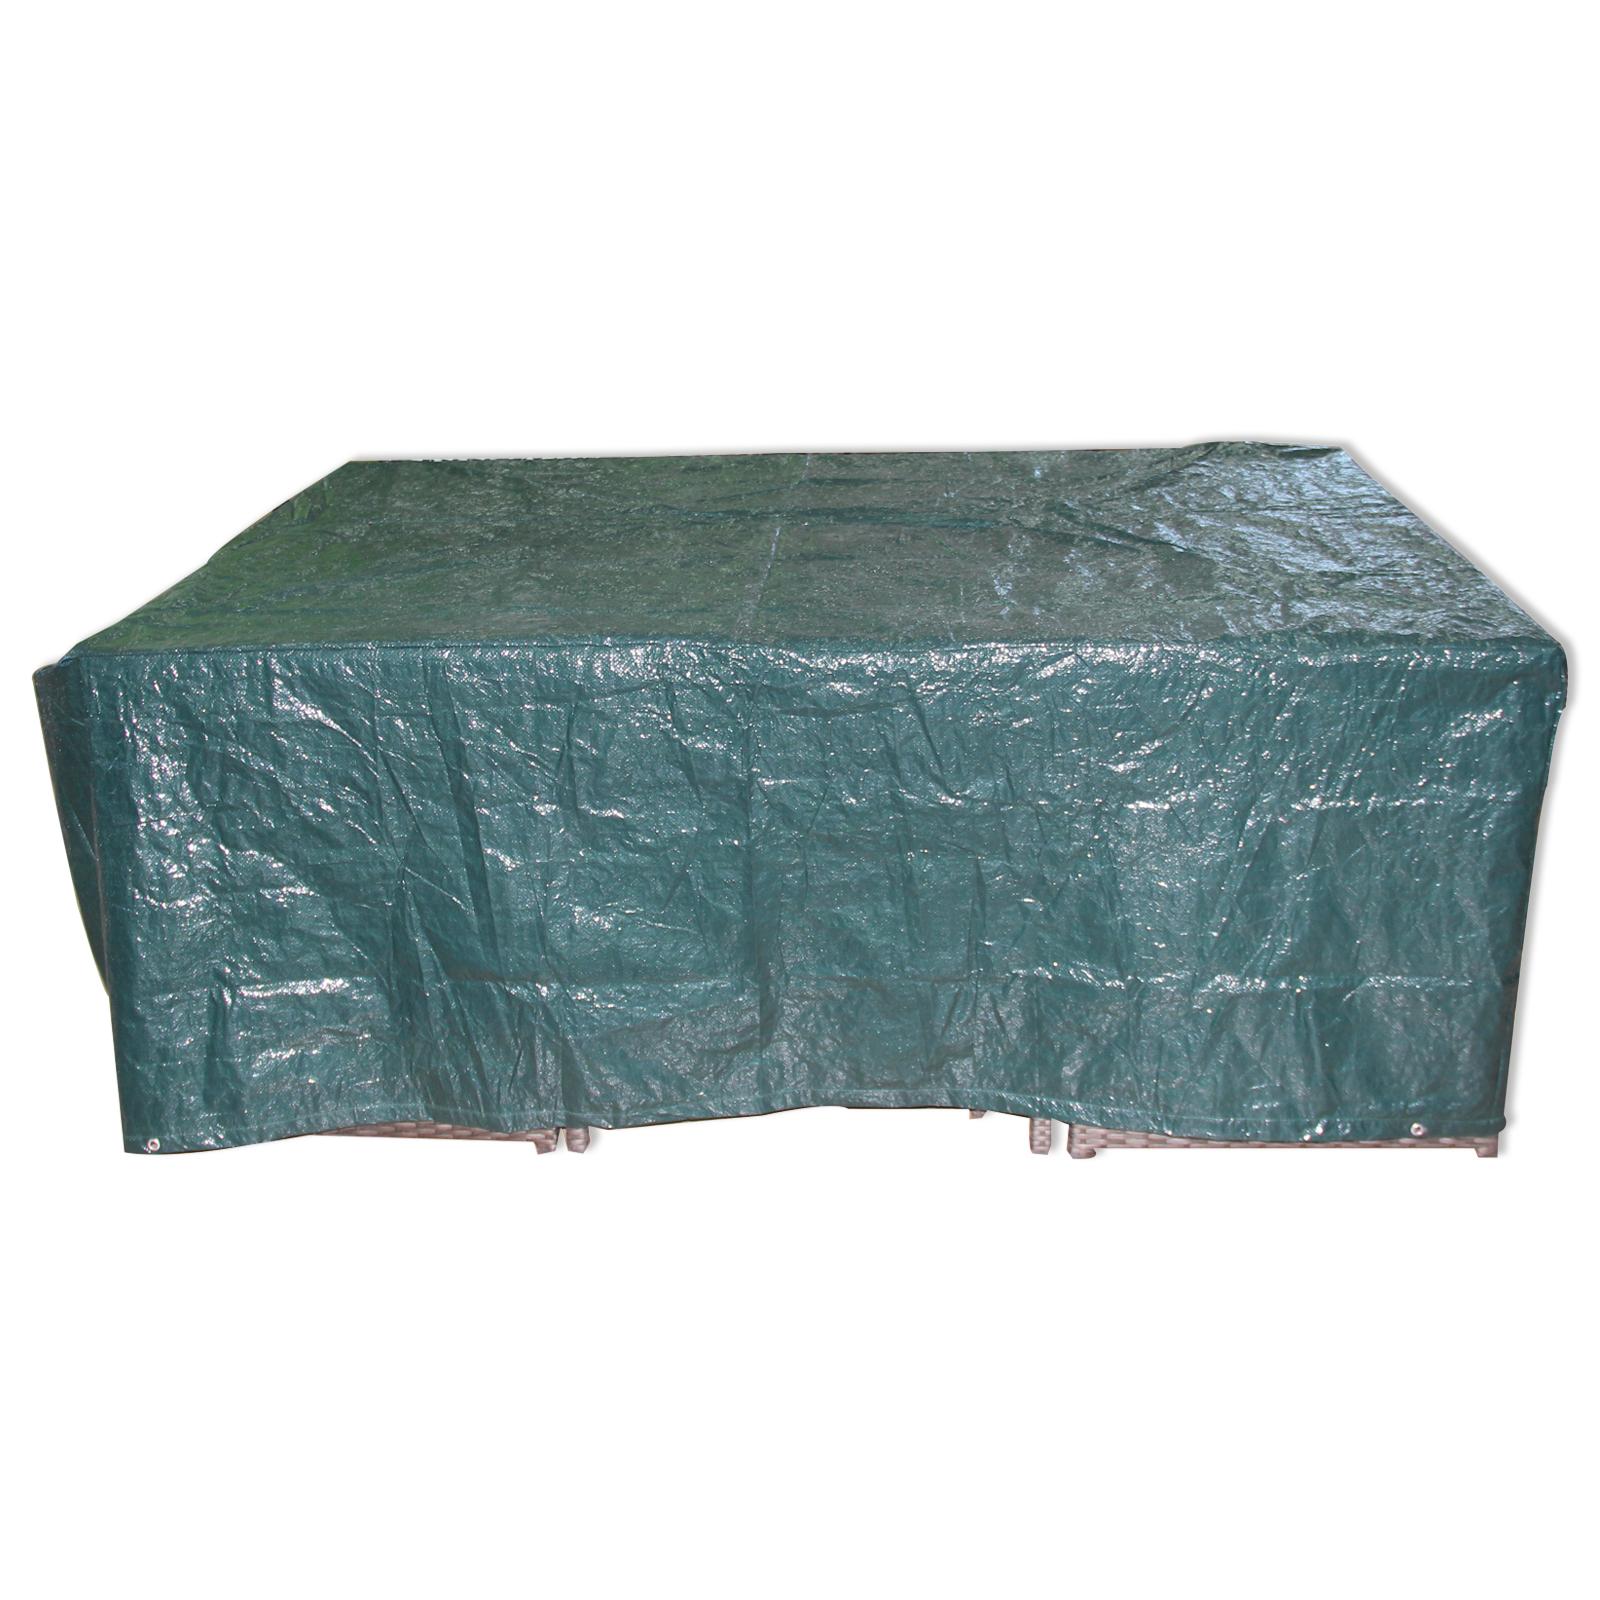 Gartenmöbel Abdeckung.Gardiola Gartenmöbel Abdeckung Grün Kunststoff 205 Cm Breit